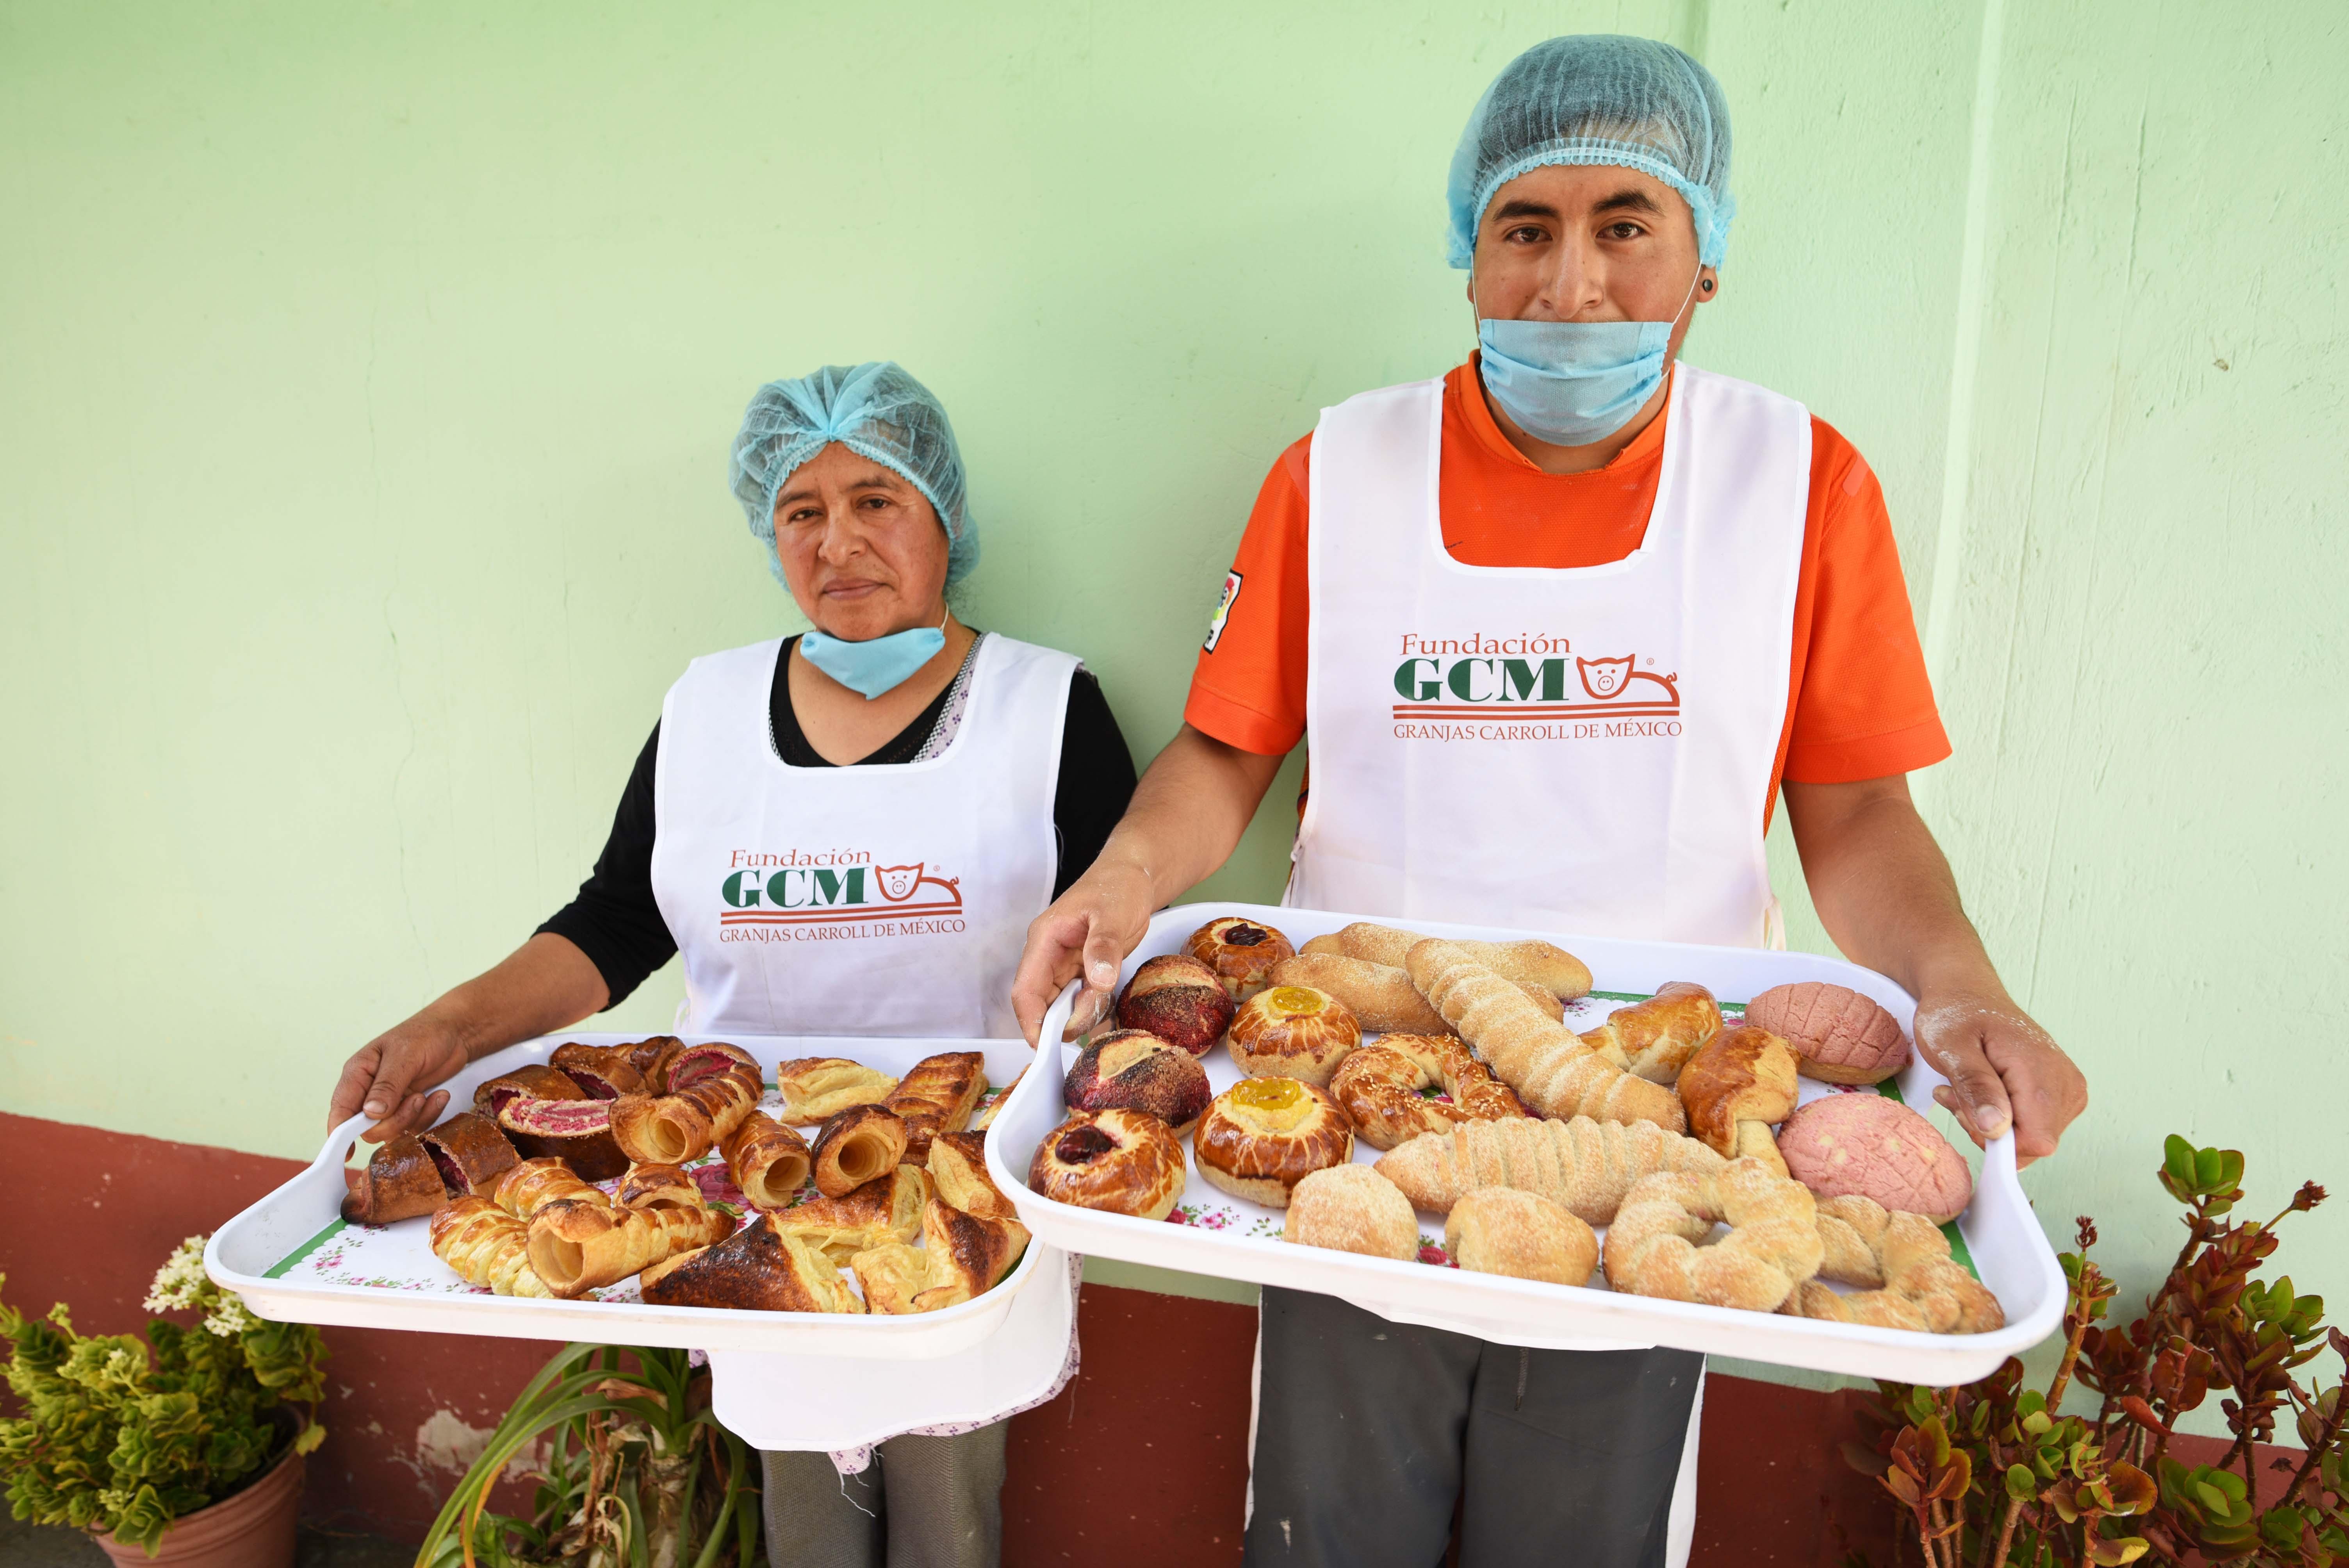 Impulsa GCM curso y familia establece panadería casera para fortalecer su economía